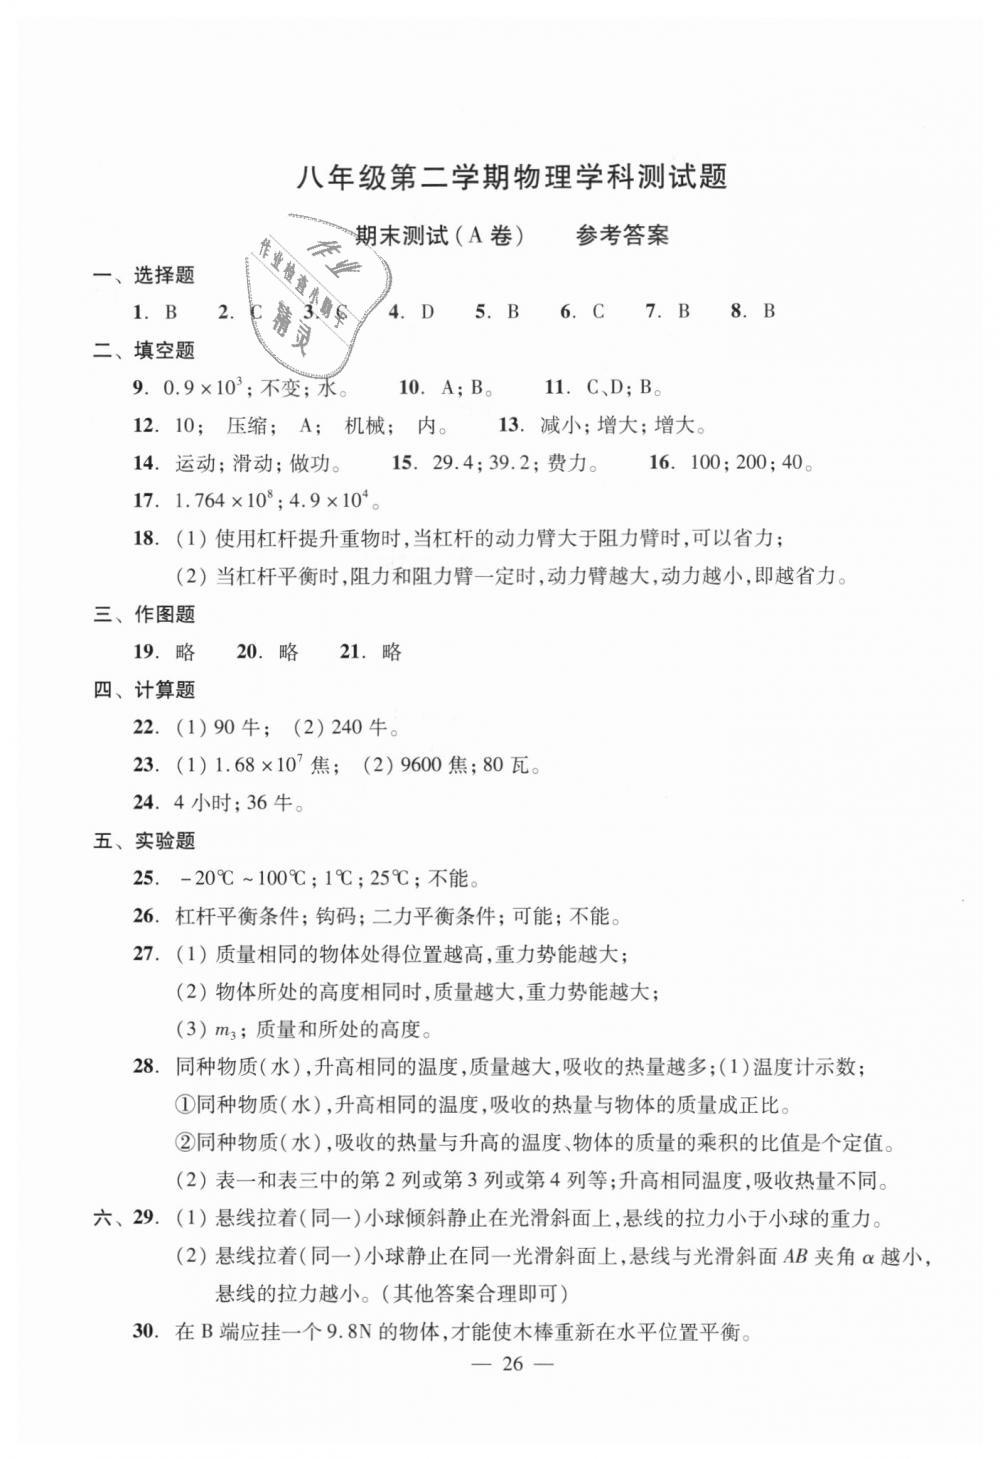 2018年初中物理双基过关堂堂练八年级全一册沪教版第70页